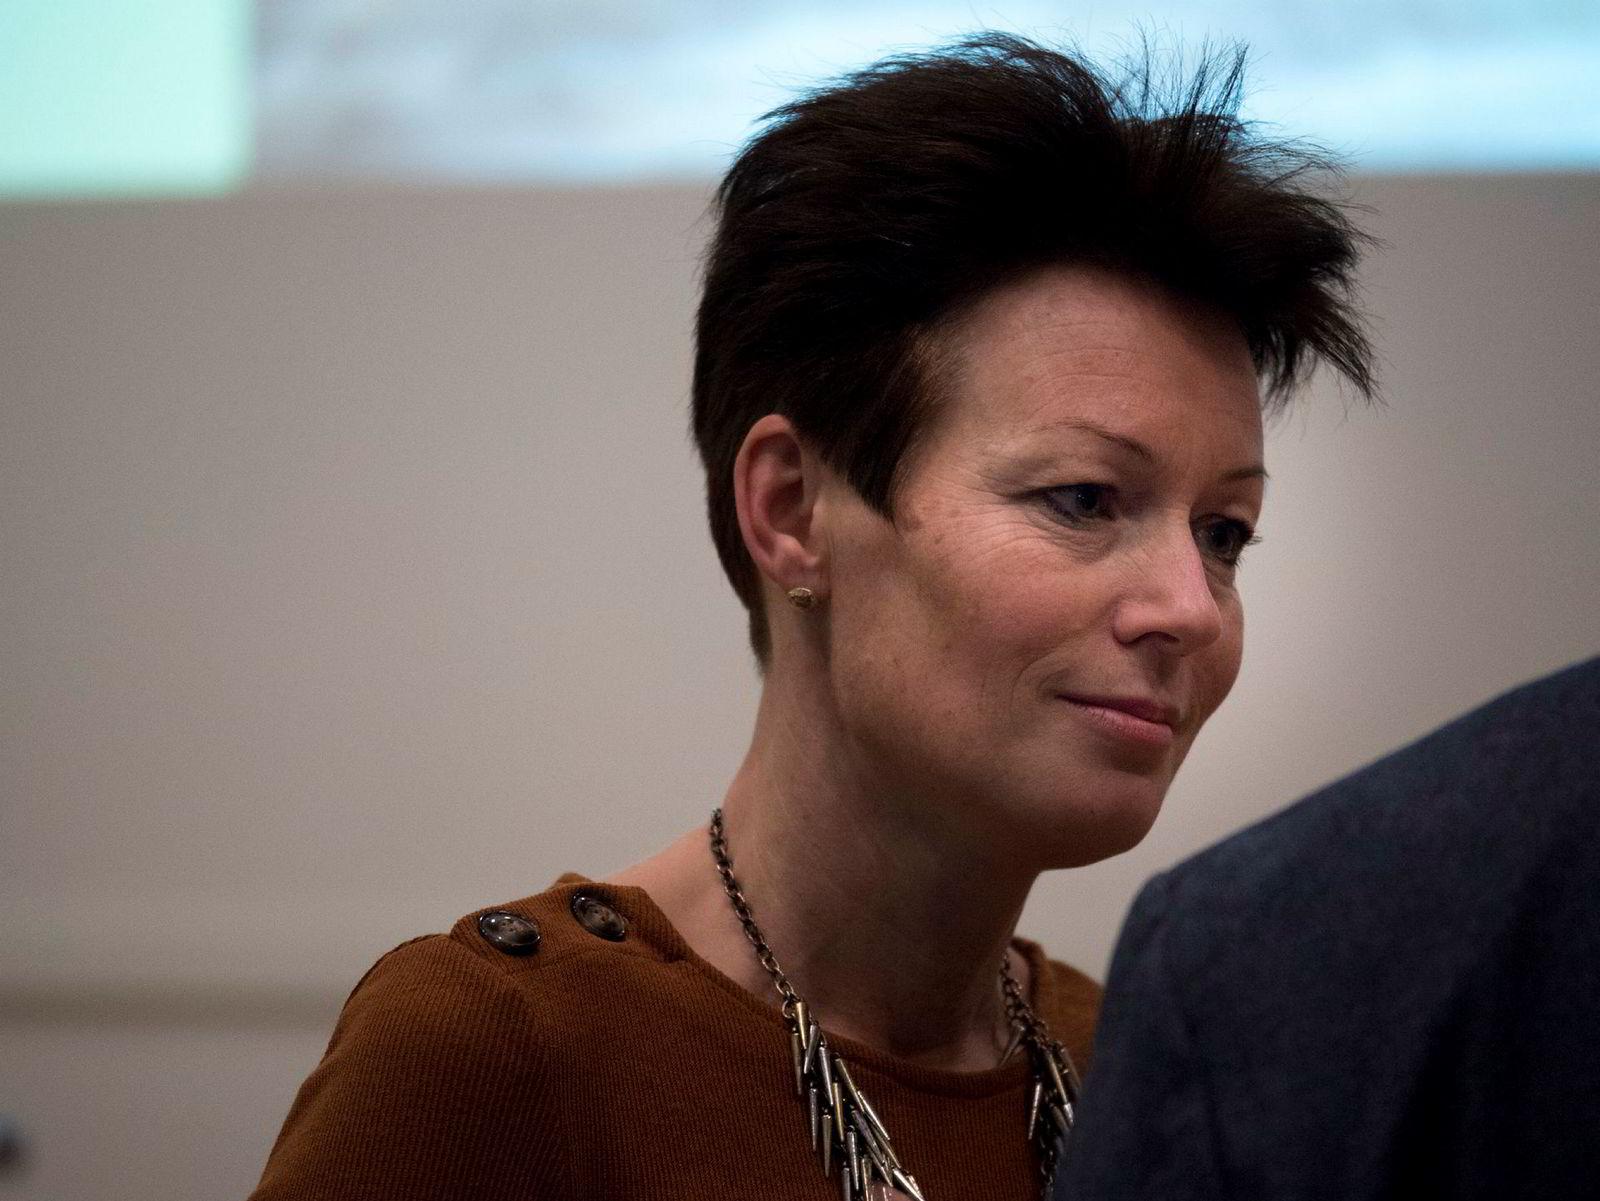 Tidligere KrF-topp Line Henriette Holten slutter seg til kravet om åpen avstemming på landsmøtet fredag.